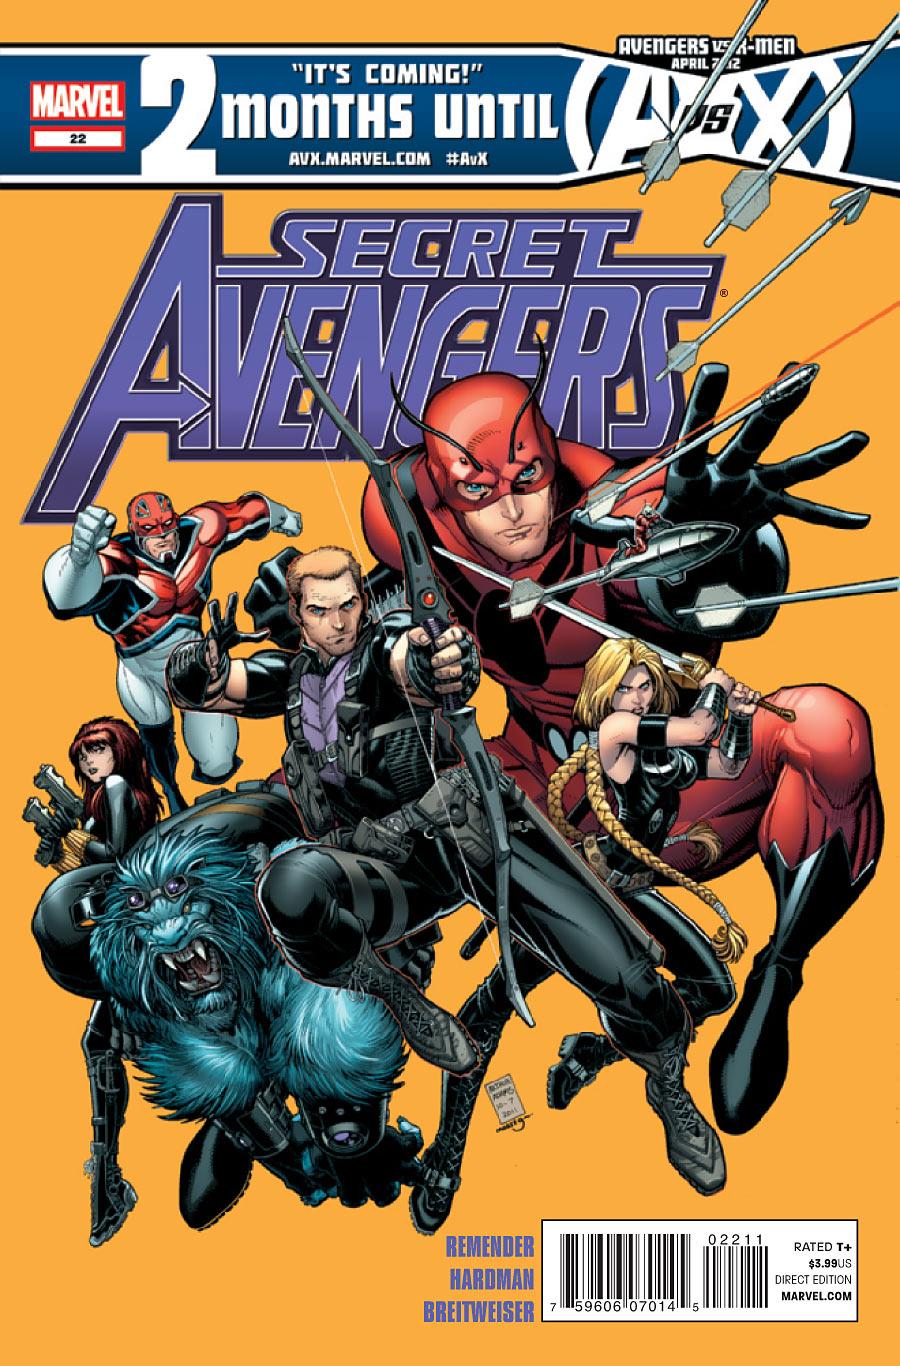 Secret Avengers Vol 1 22 | Marvel Database | FANDOM powered